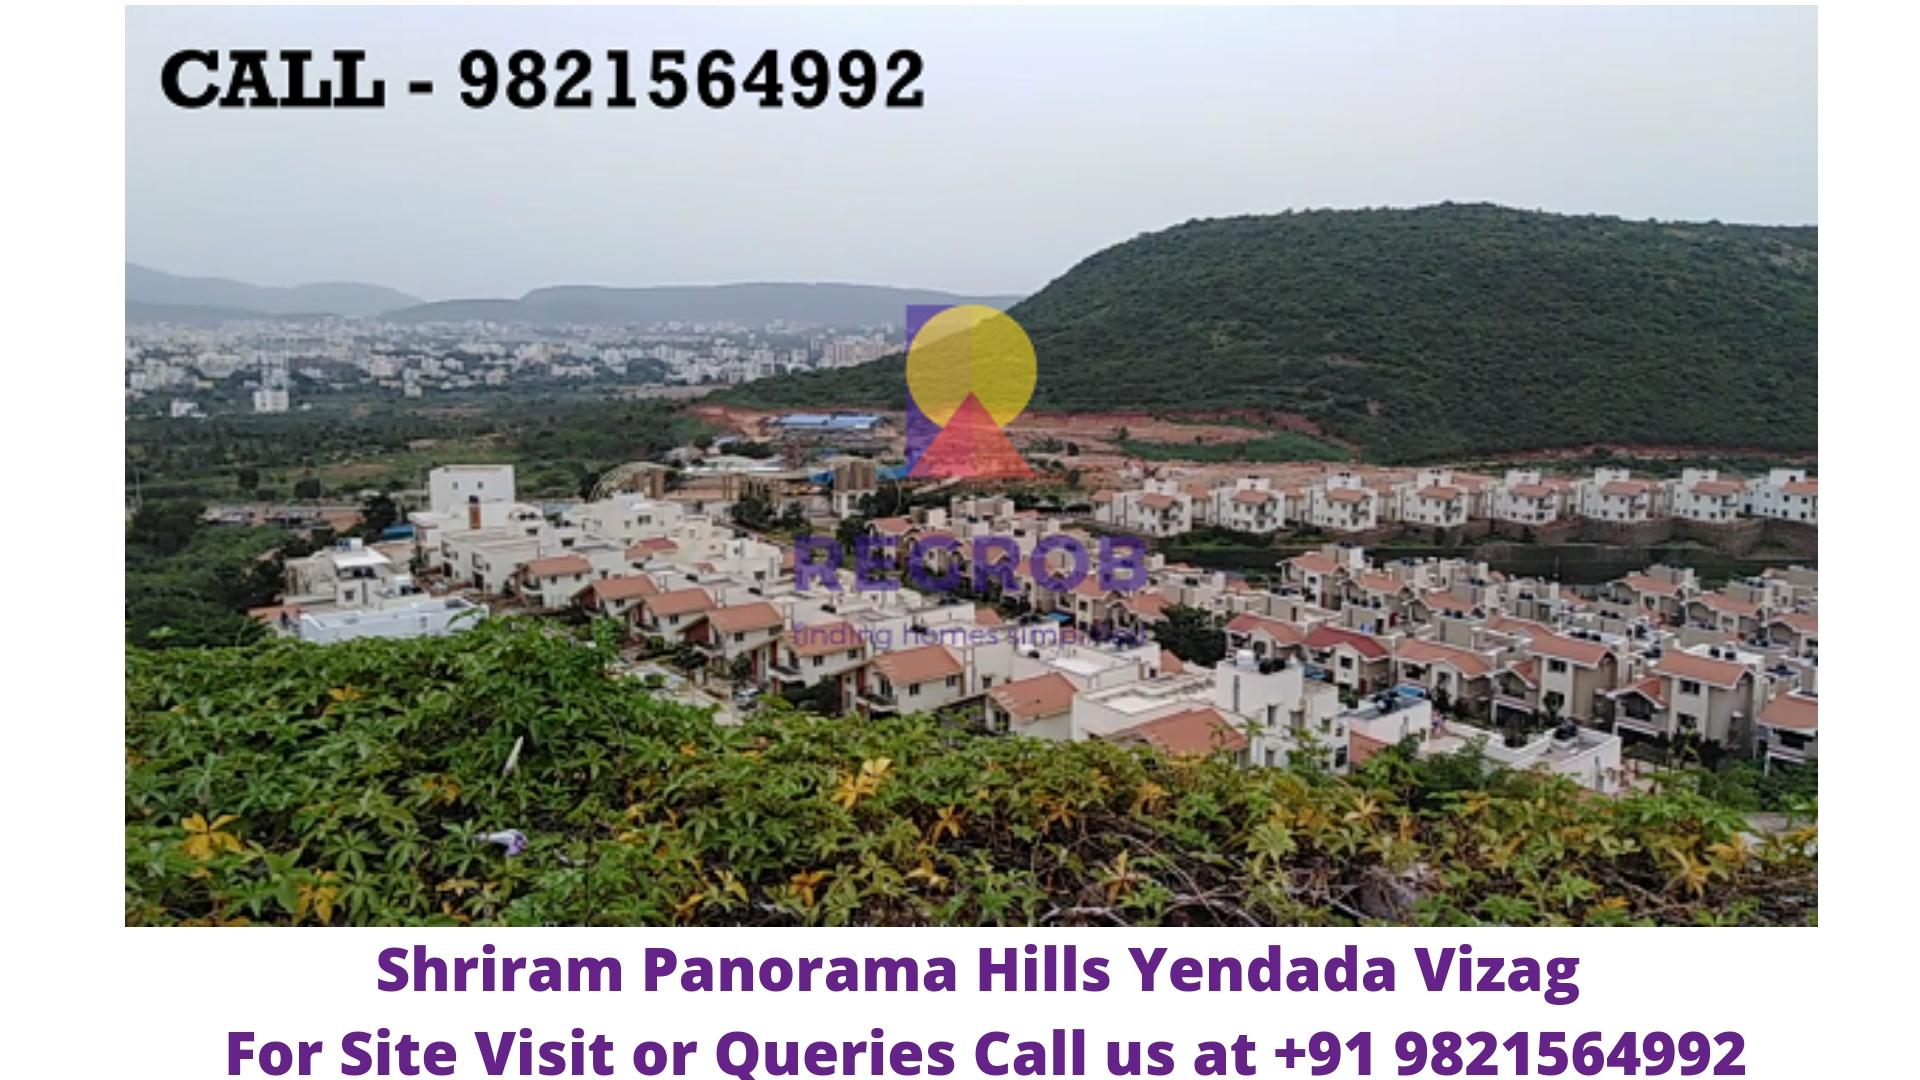 Shriram Panorama Hills Yendada Vizag